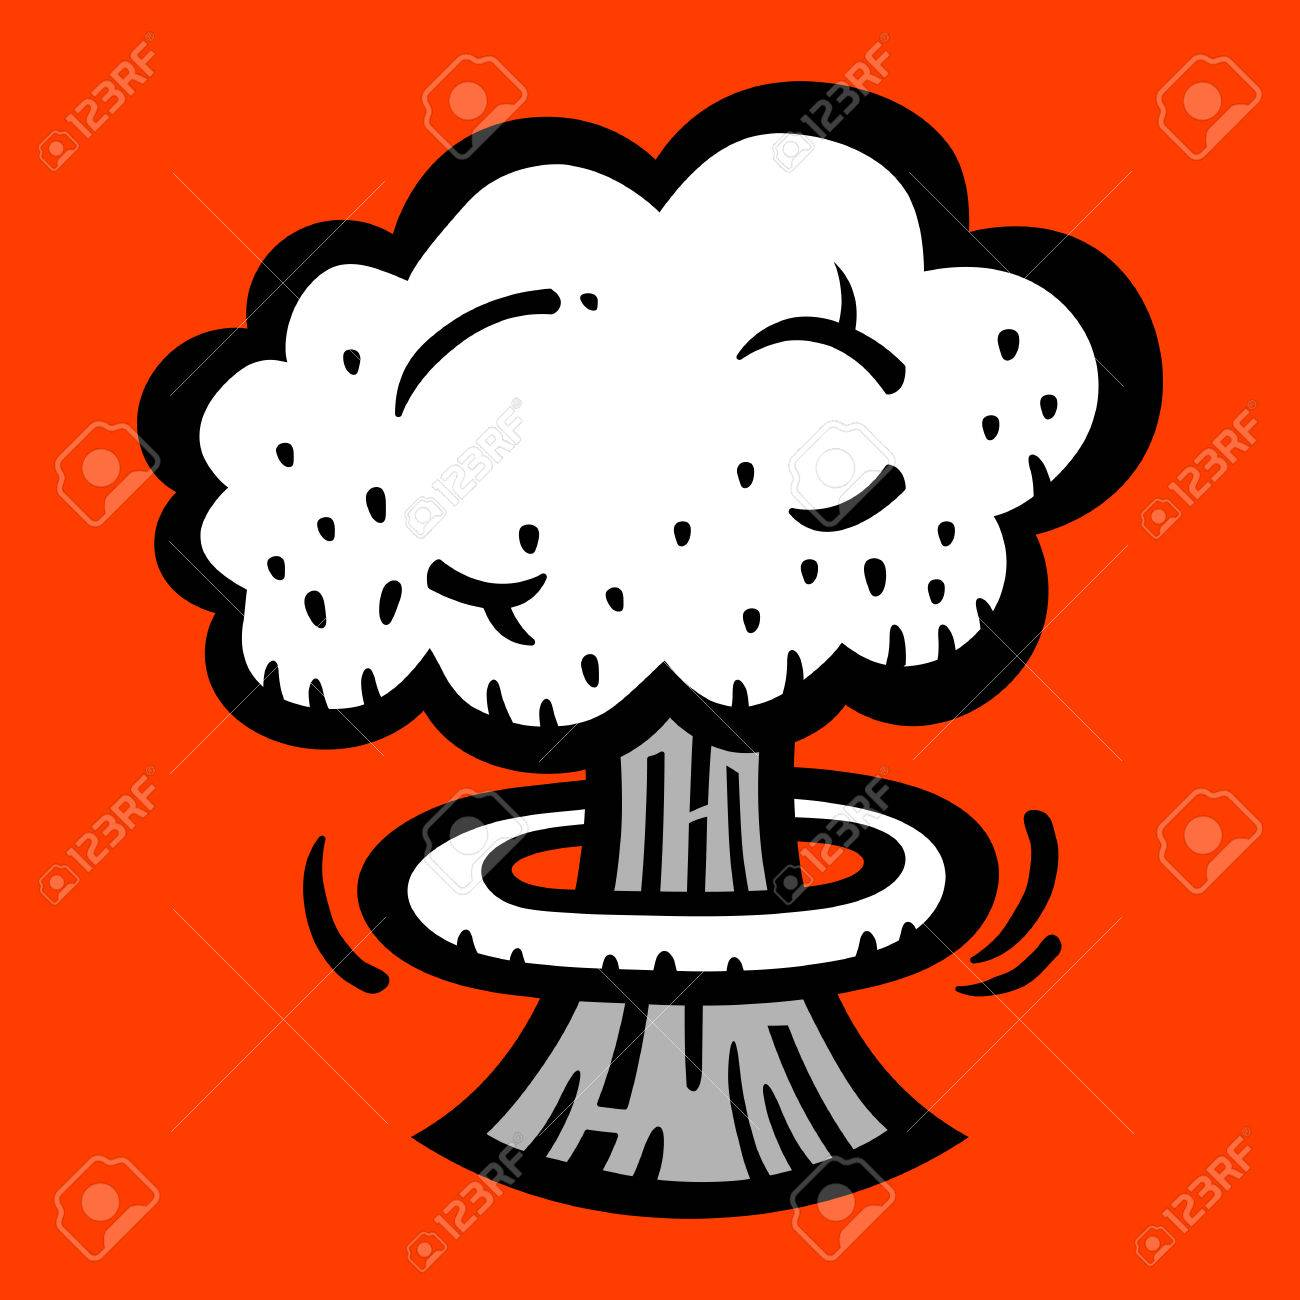 Mushroom Cloud Clipart